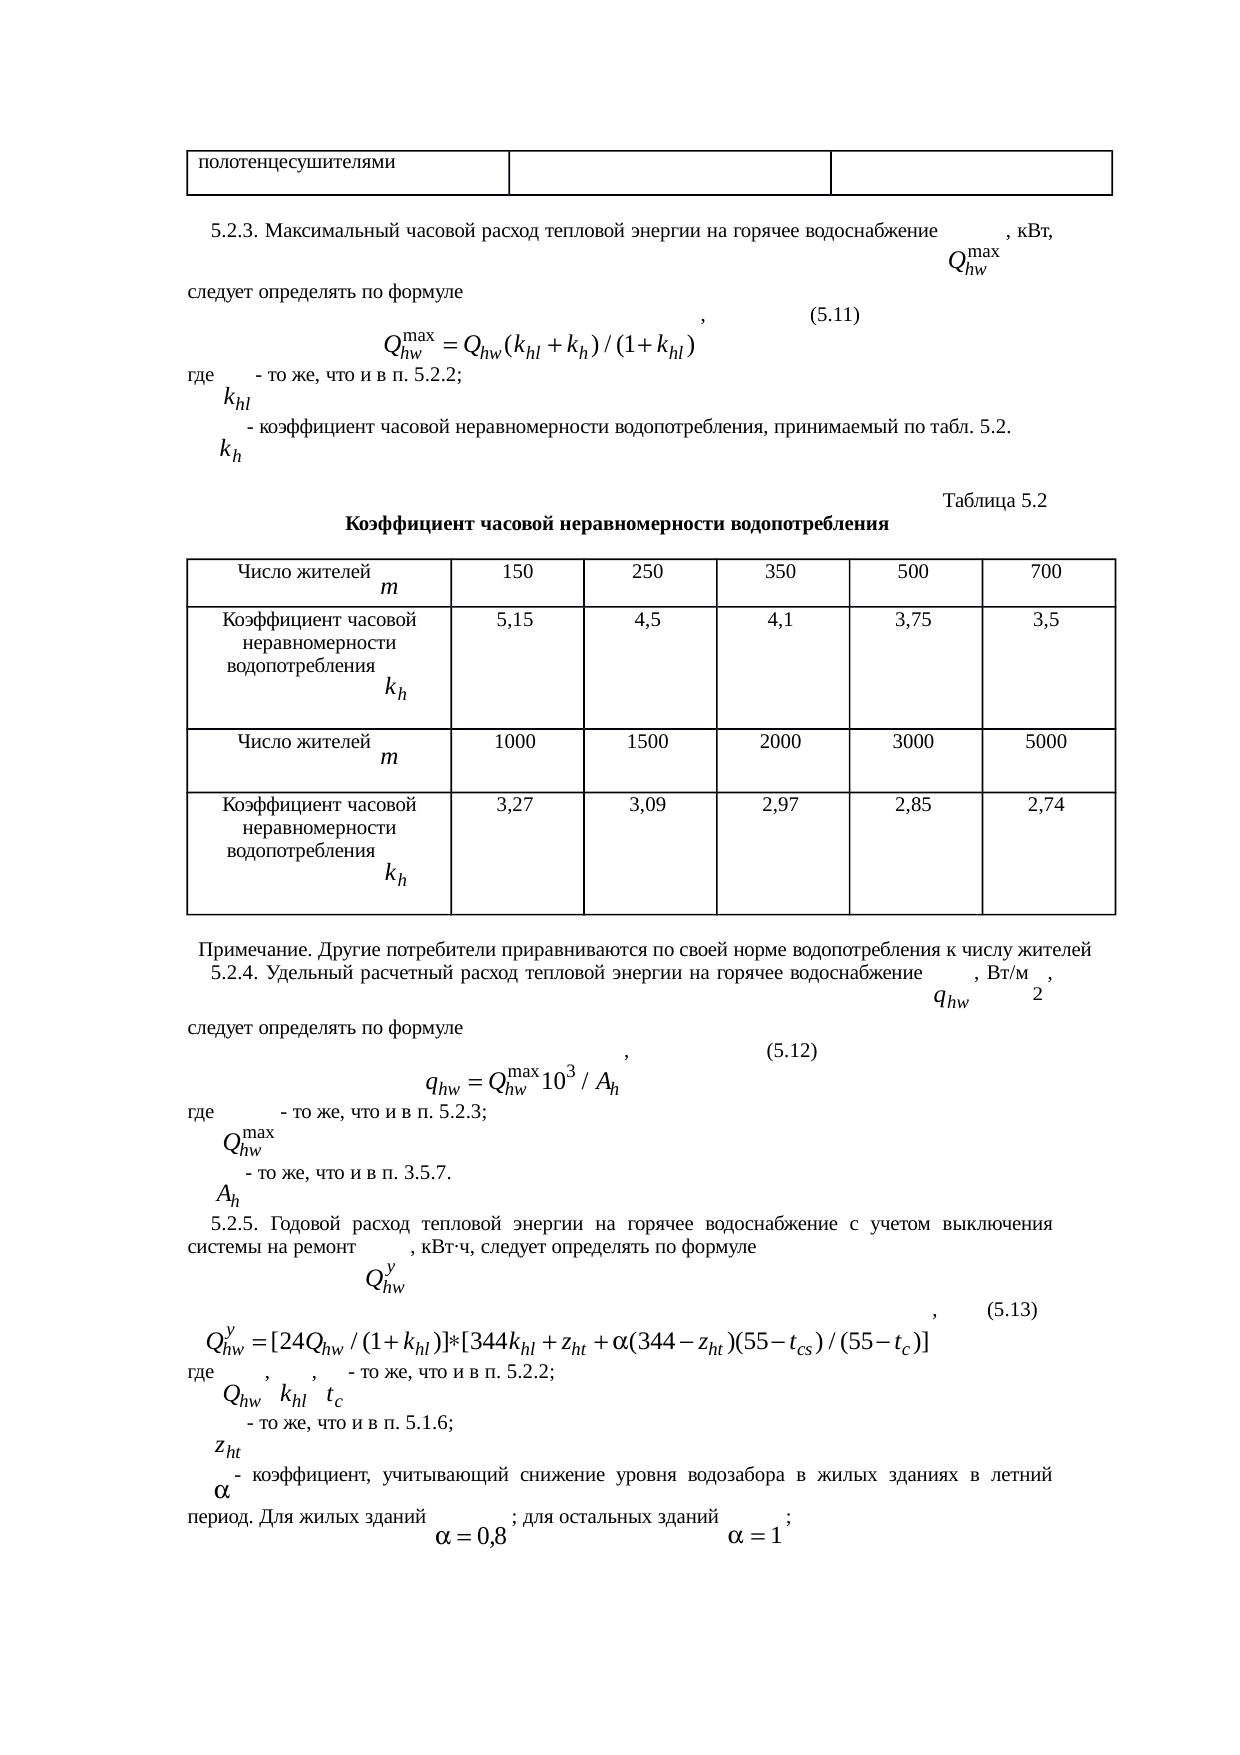 Гост 21778-81 система обеспечения точности геометрических параметров в строительстве. основные положения